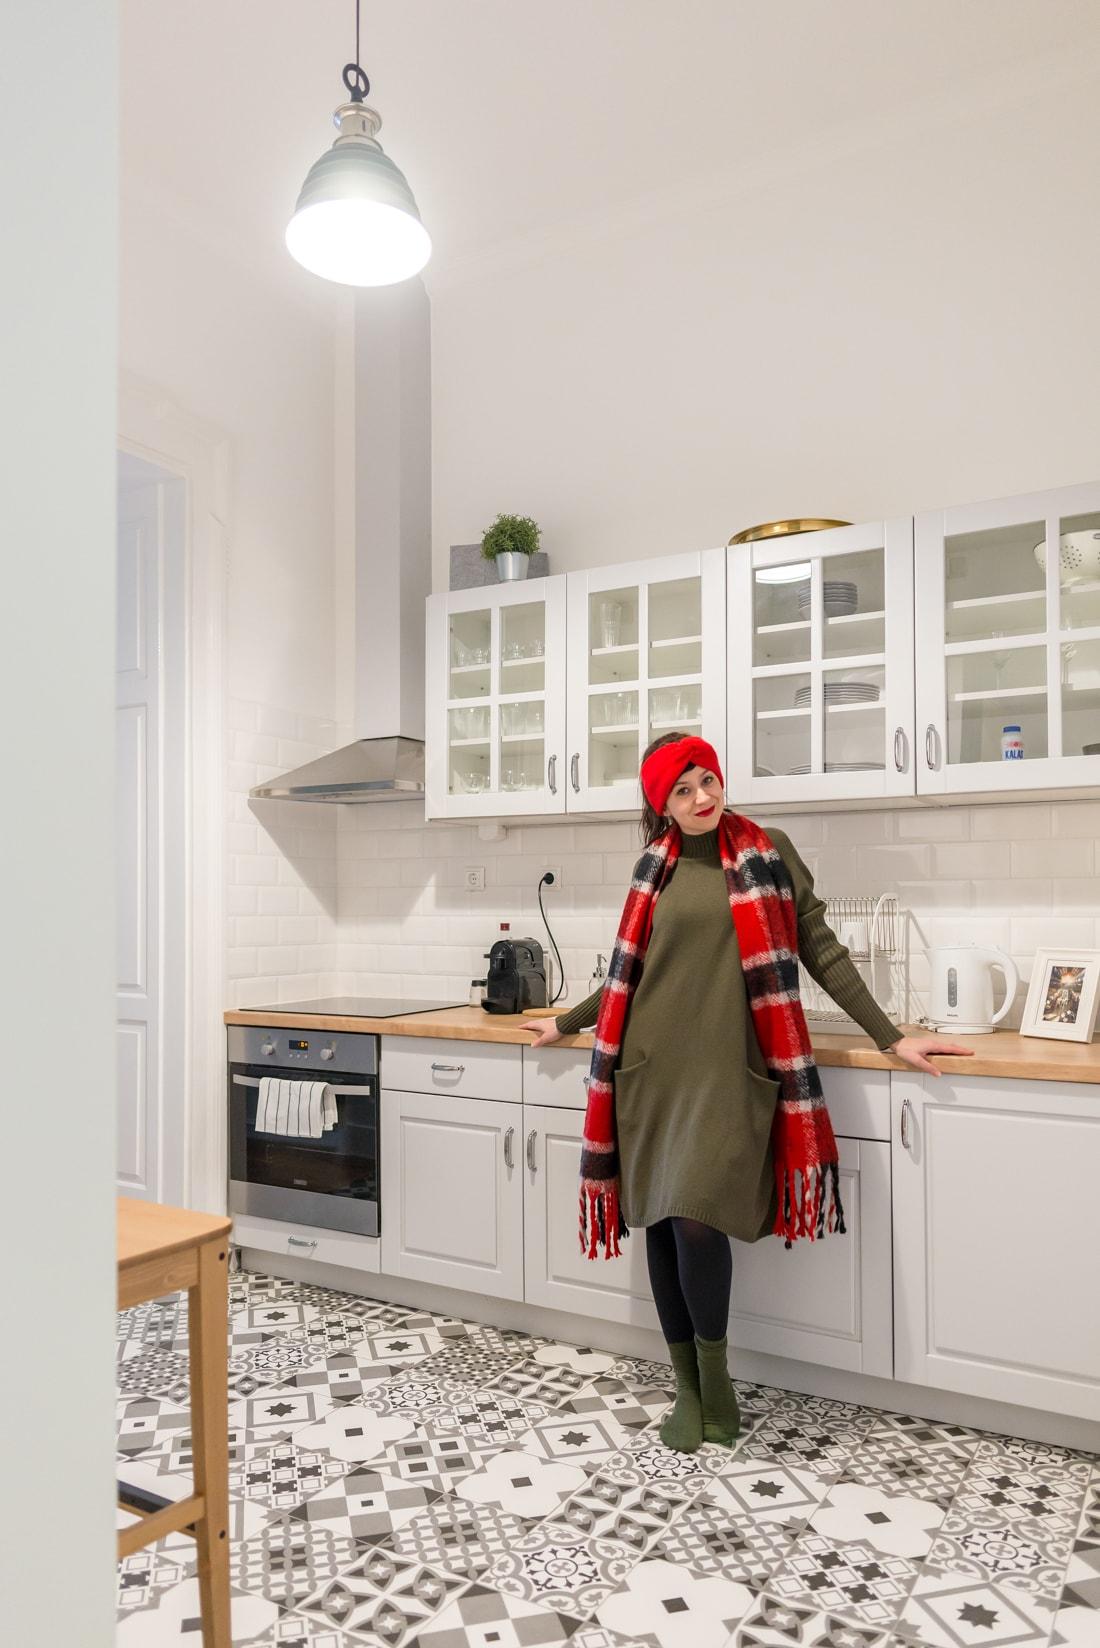 BUDAPEŠŤ BUDETE MILOVAŤ_Katharine-fashion is beautiful_blog 14_červená čelenka Zara_Cestovanie_Katarína Jakubčová_Módna blogerka